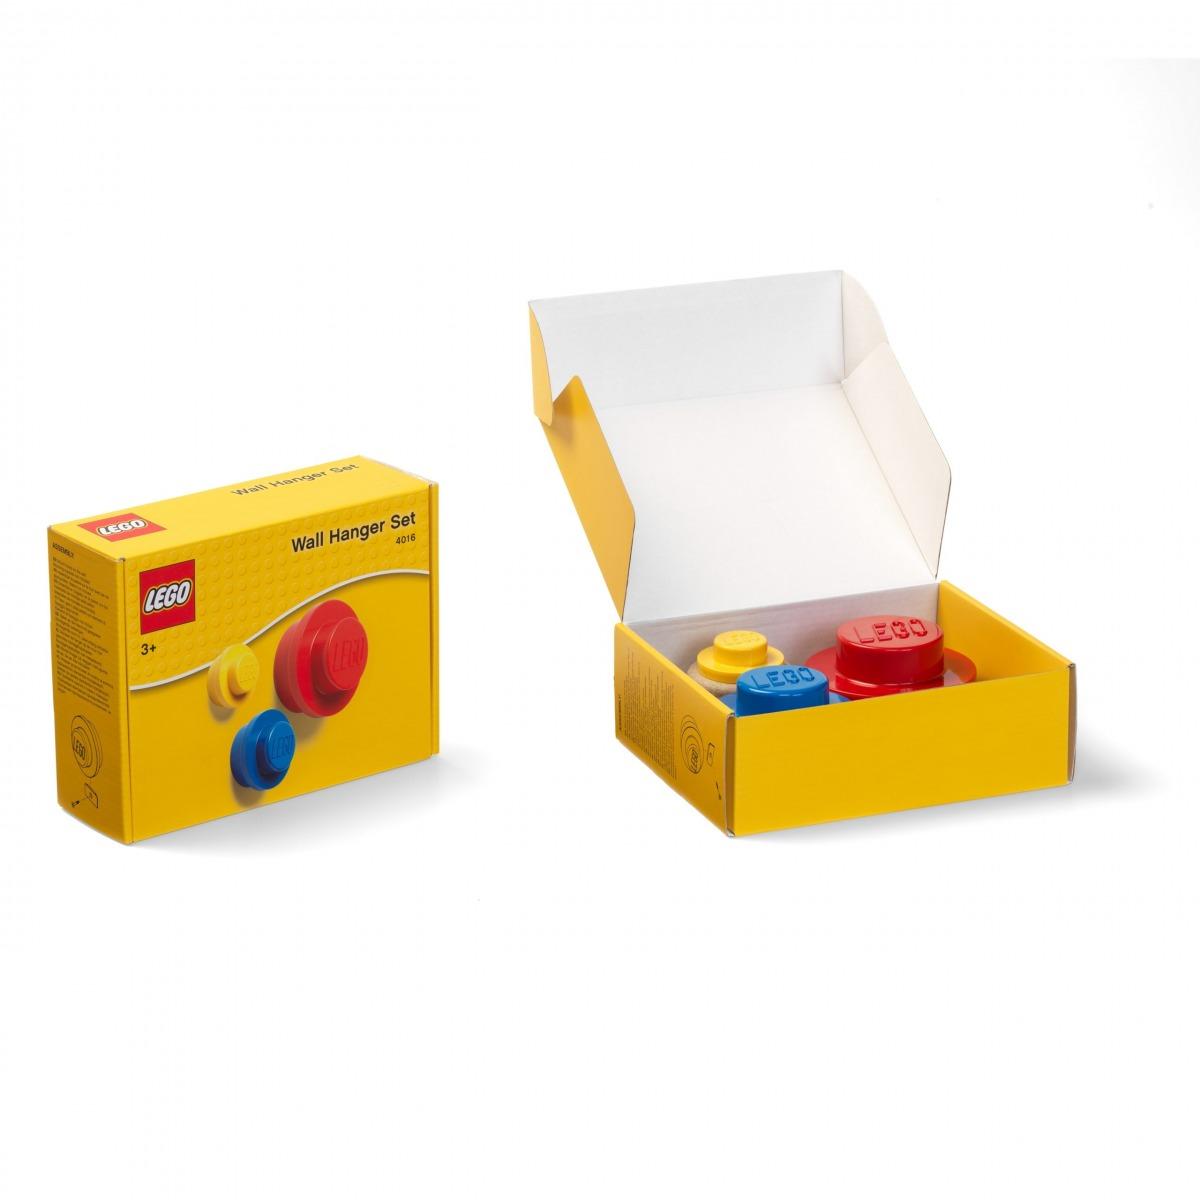 lego 5005906 set di appendiabiti da parete rosso blu e giallo scaled